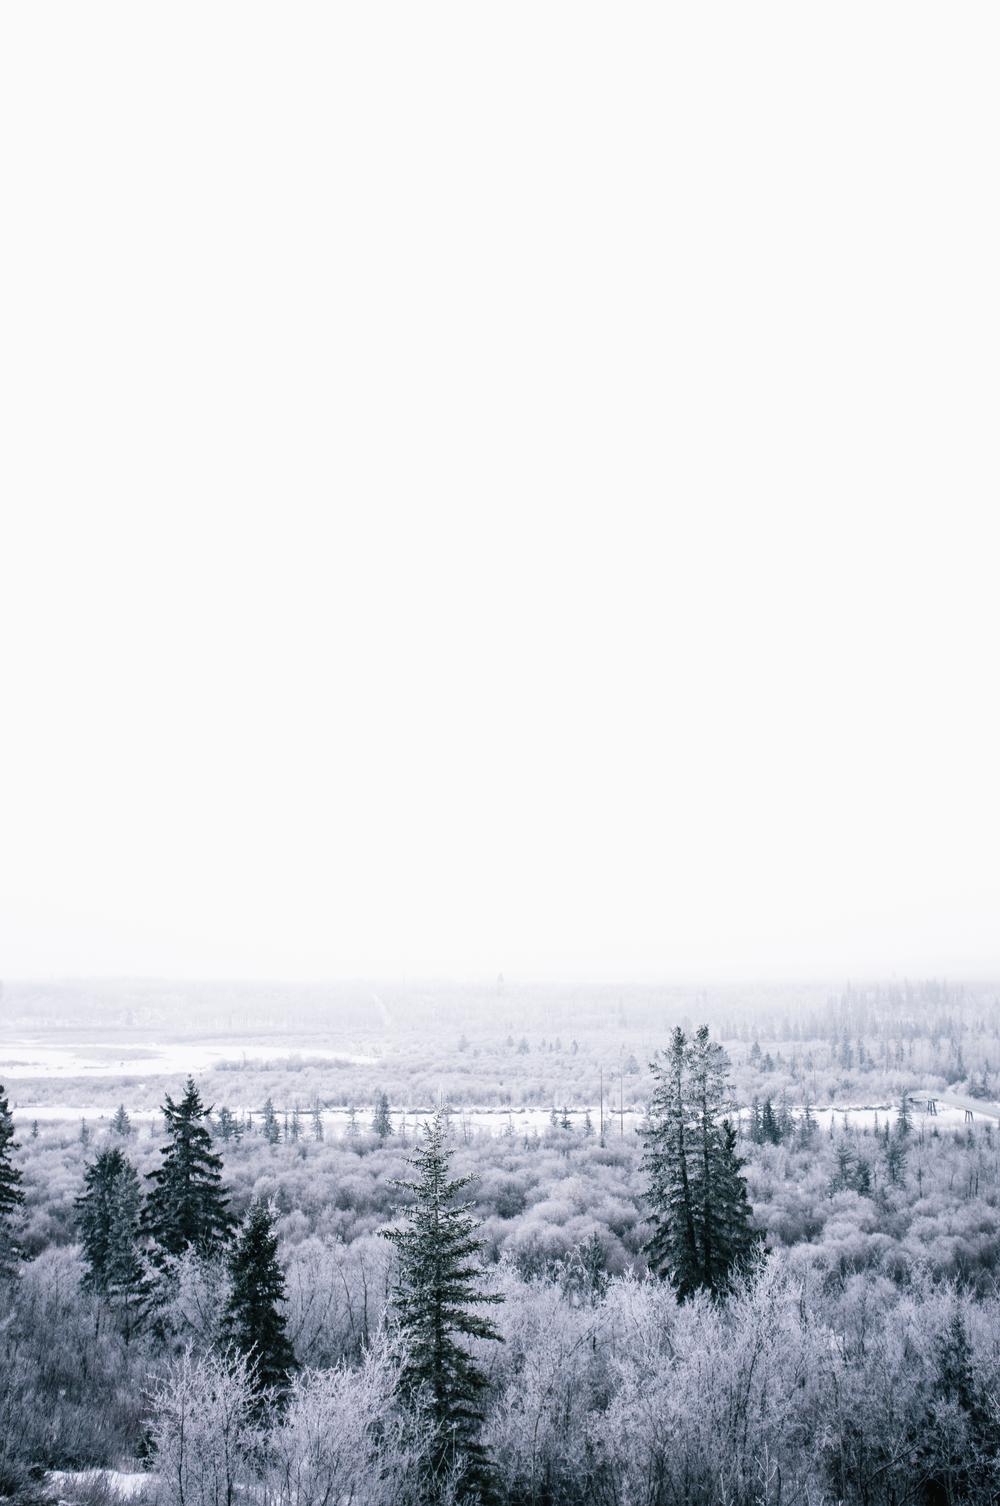 Weaselhead Flats. Calgary, Alberta, 2013.